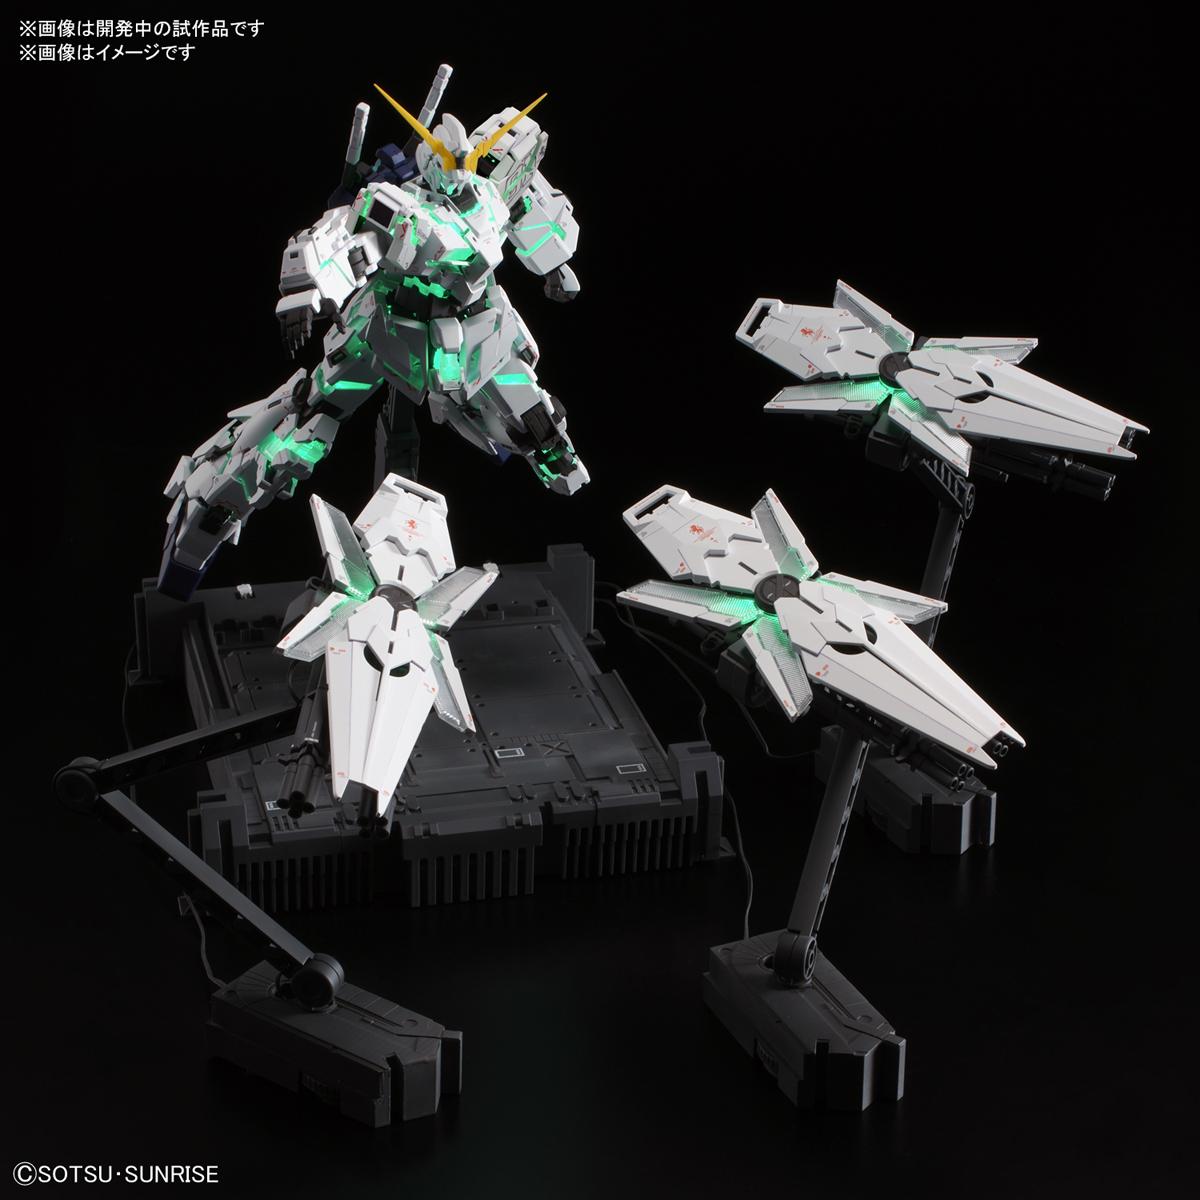 【12月再販】MGEX 1/100『ユニコーンガンダム Ver.Ka』ガンダムUC プラモデル-004